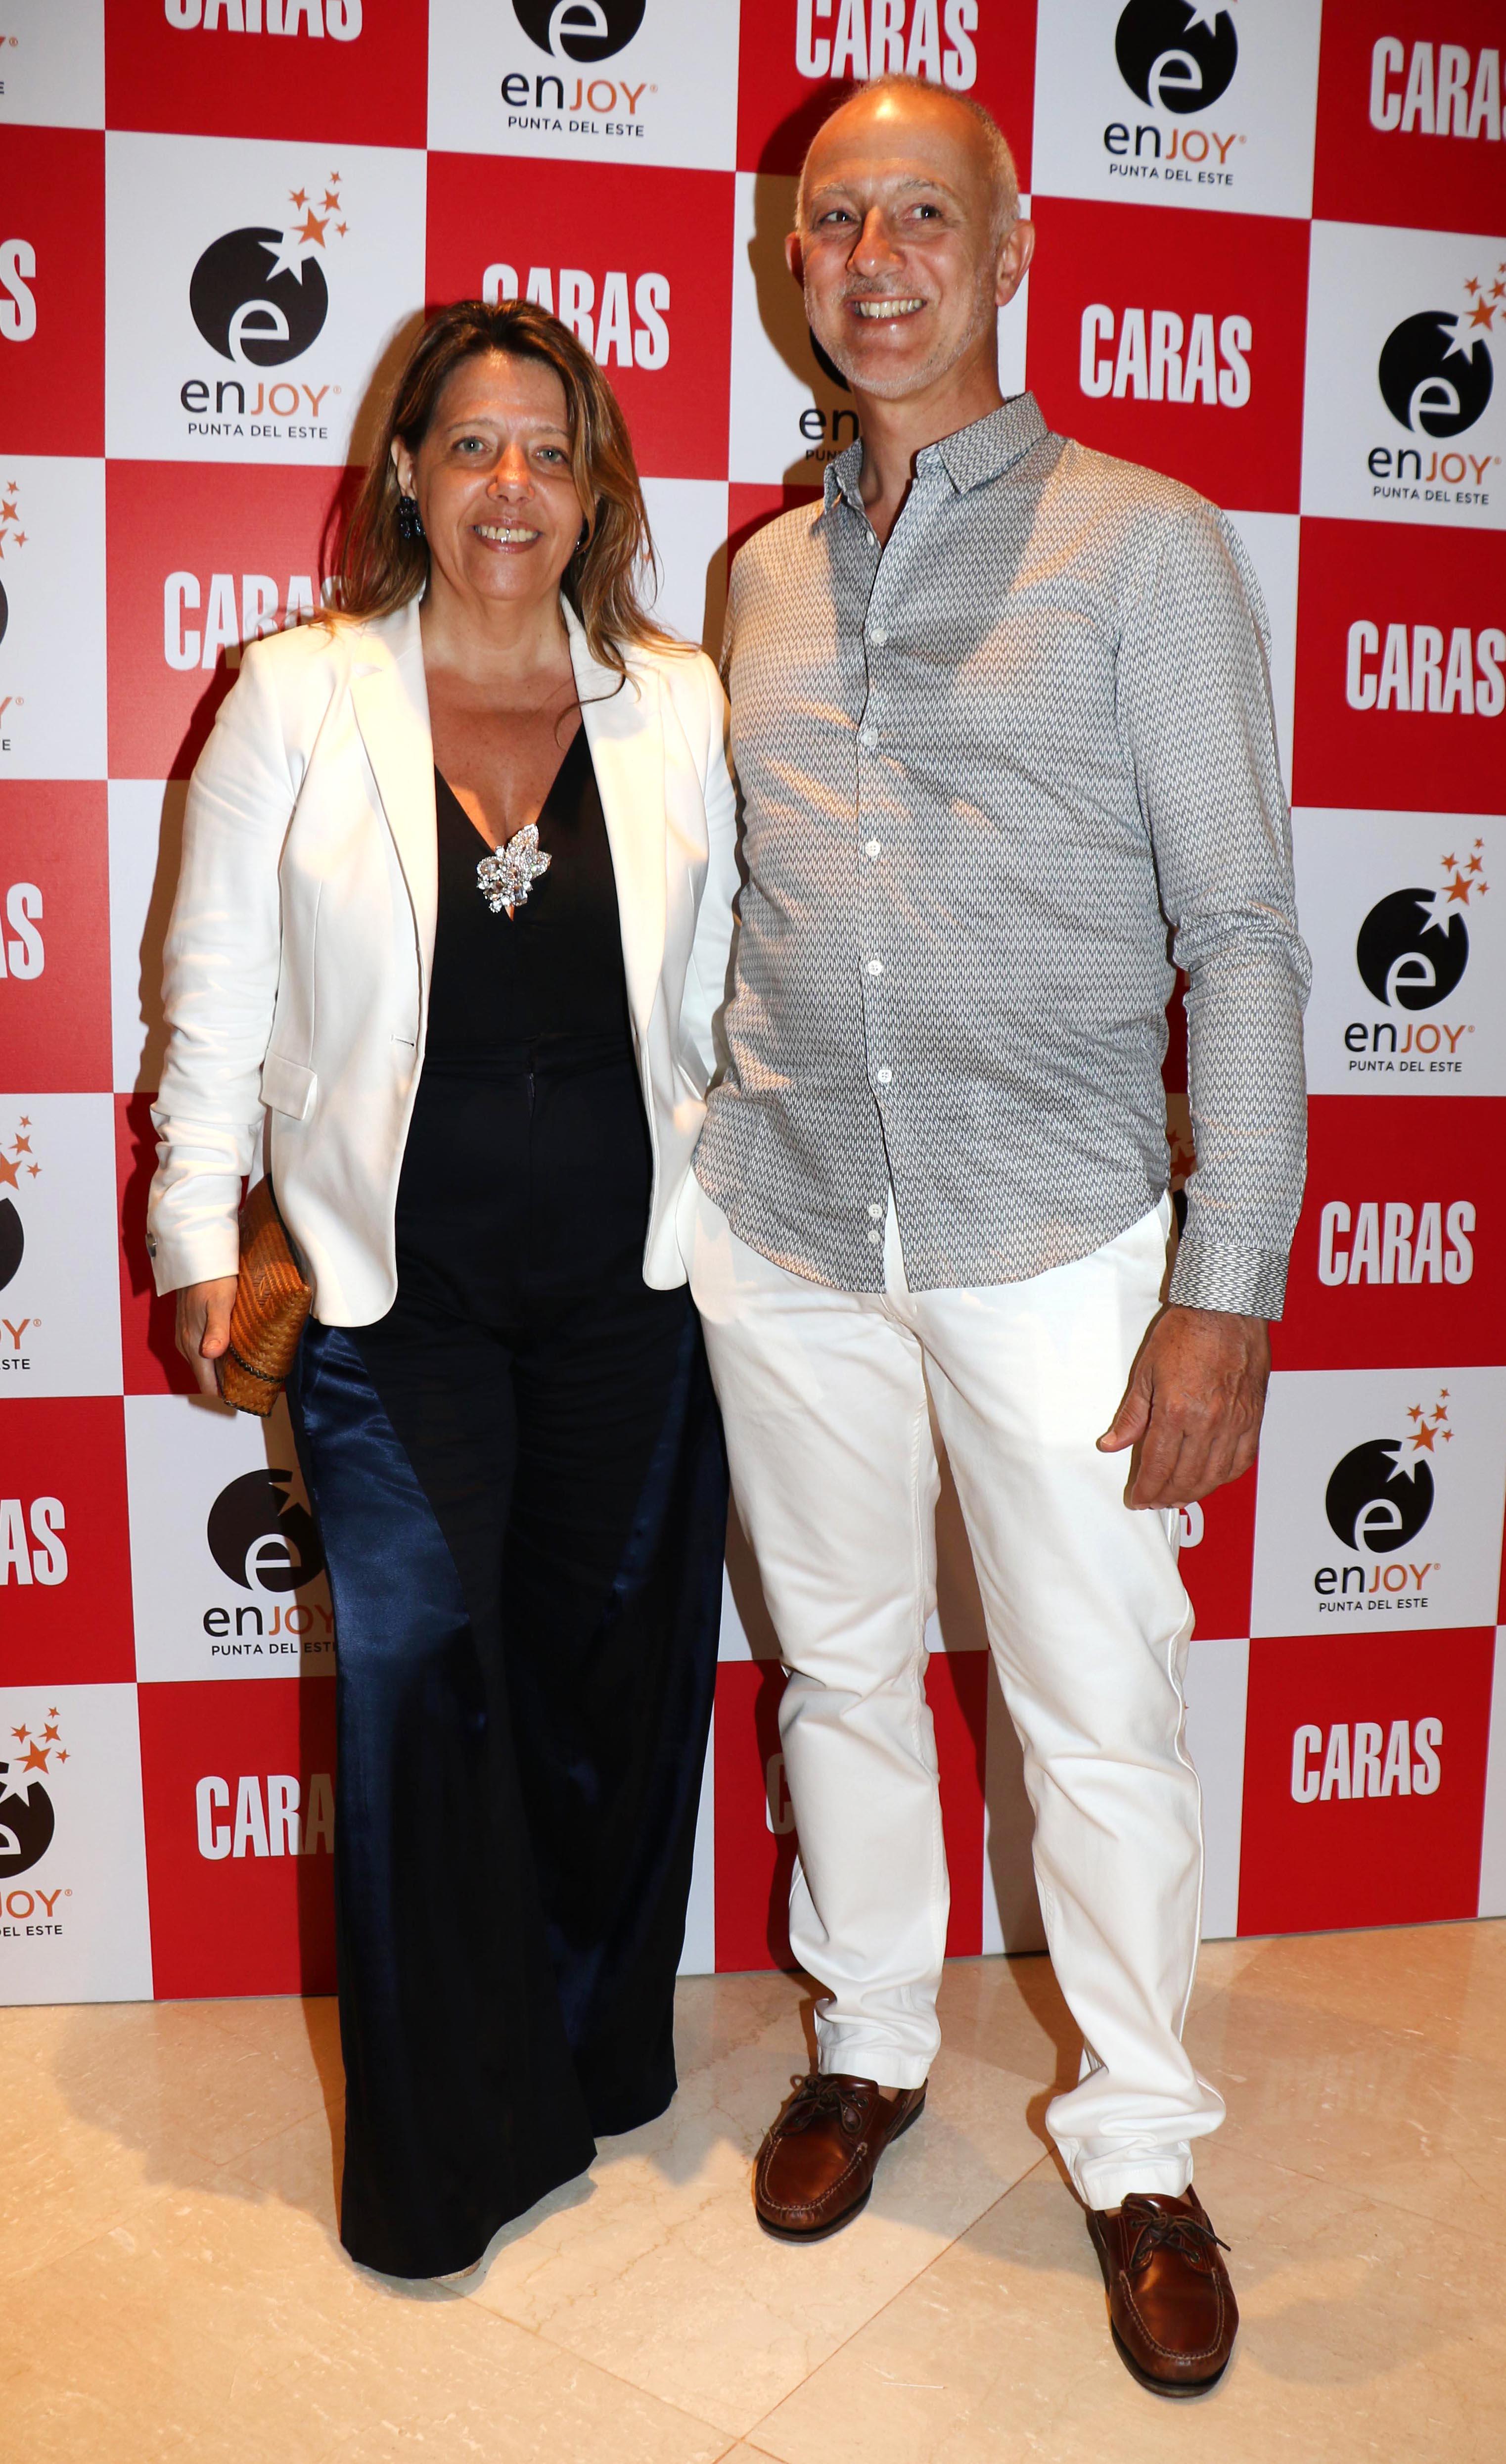 María Claudia Pedrayes y Carlos Juni